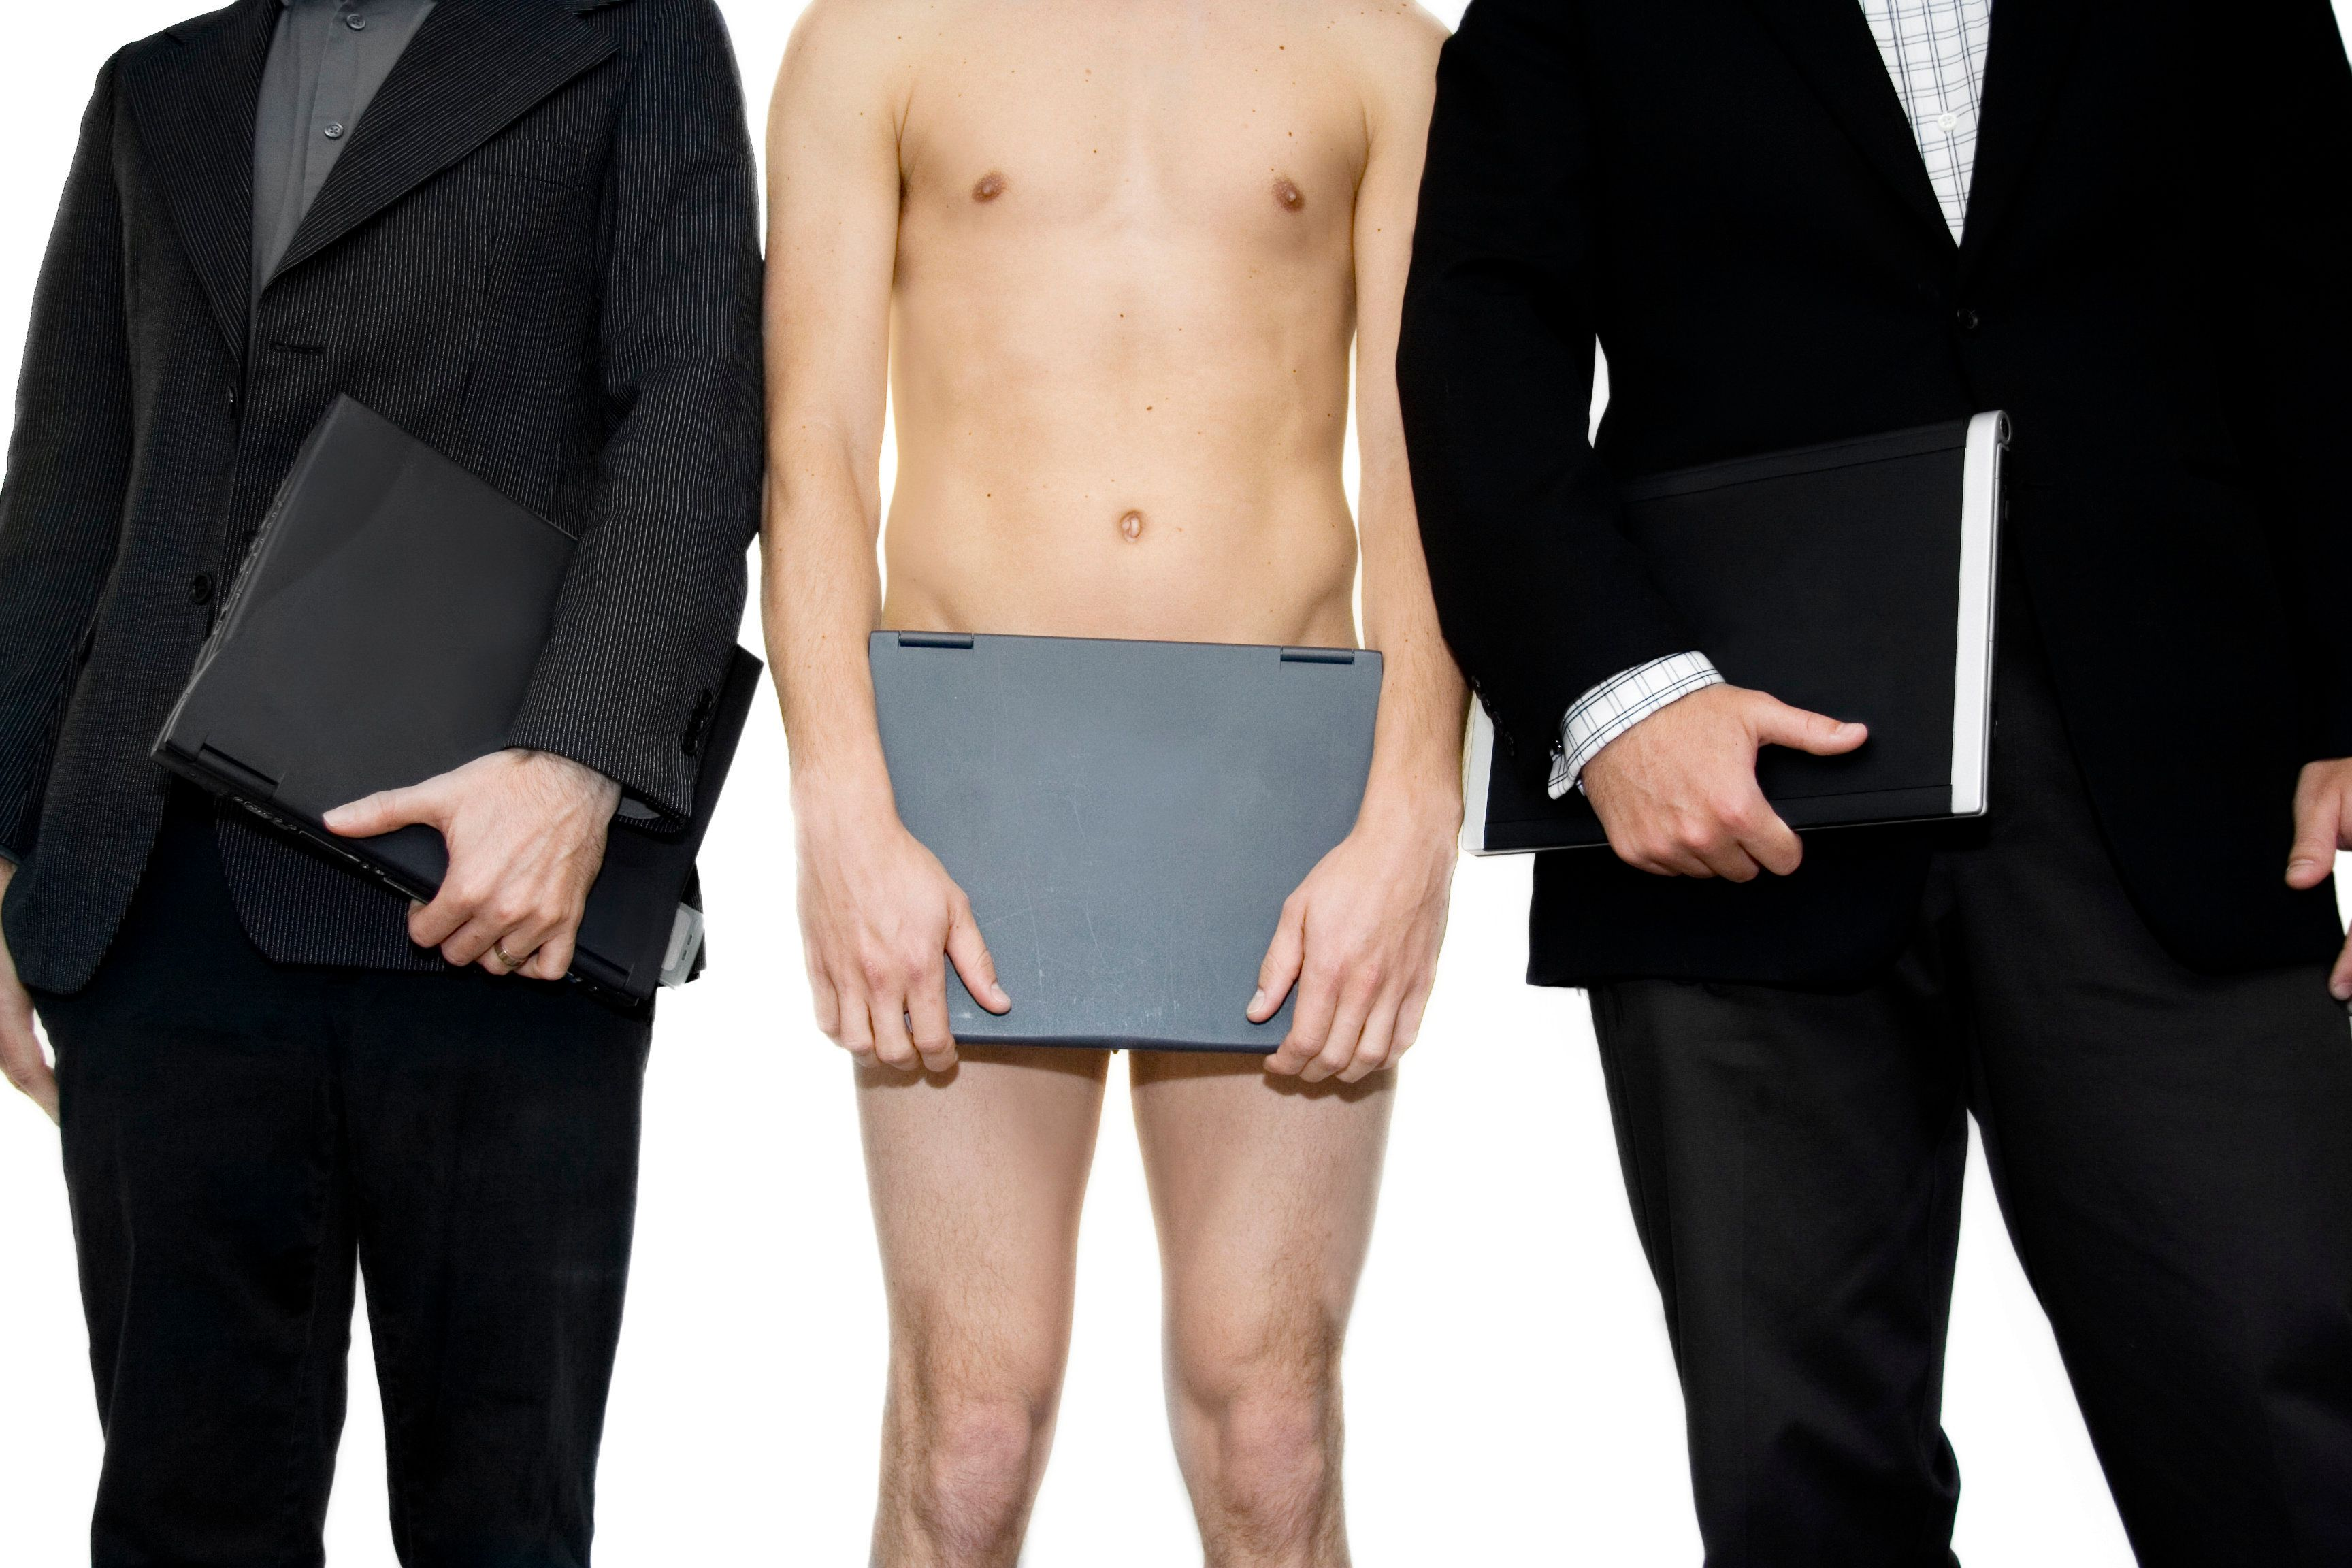 Naked dick sucking girls